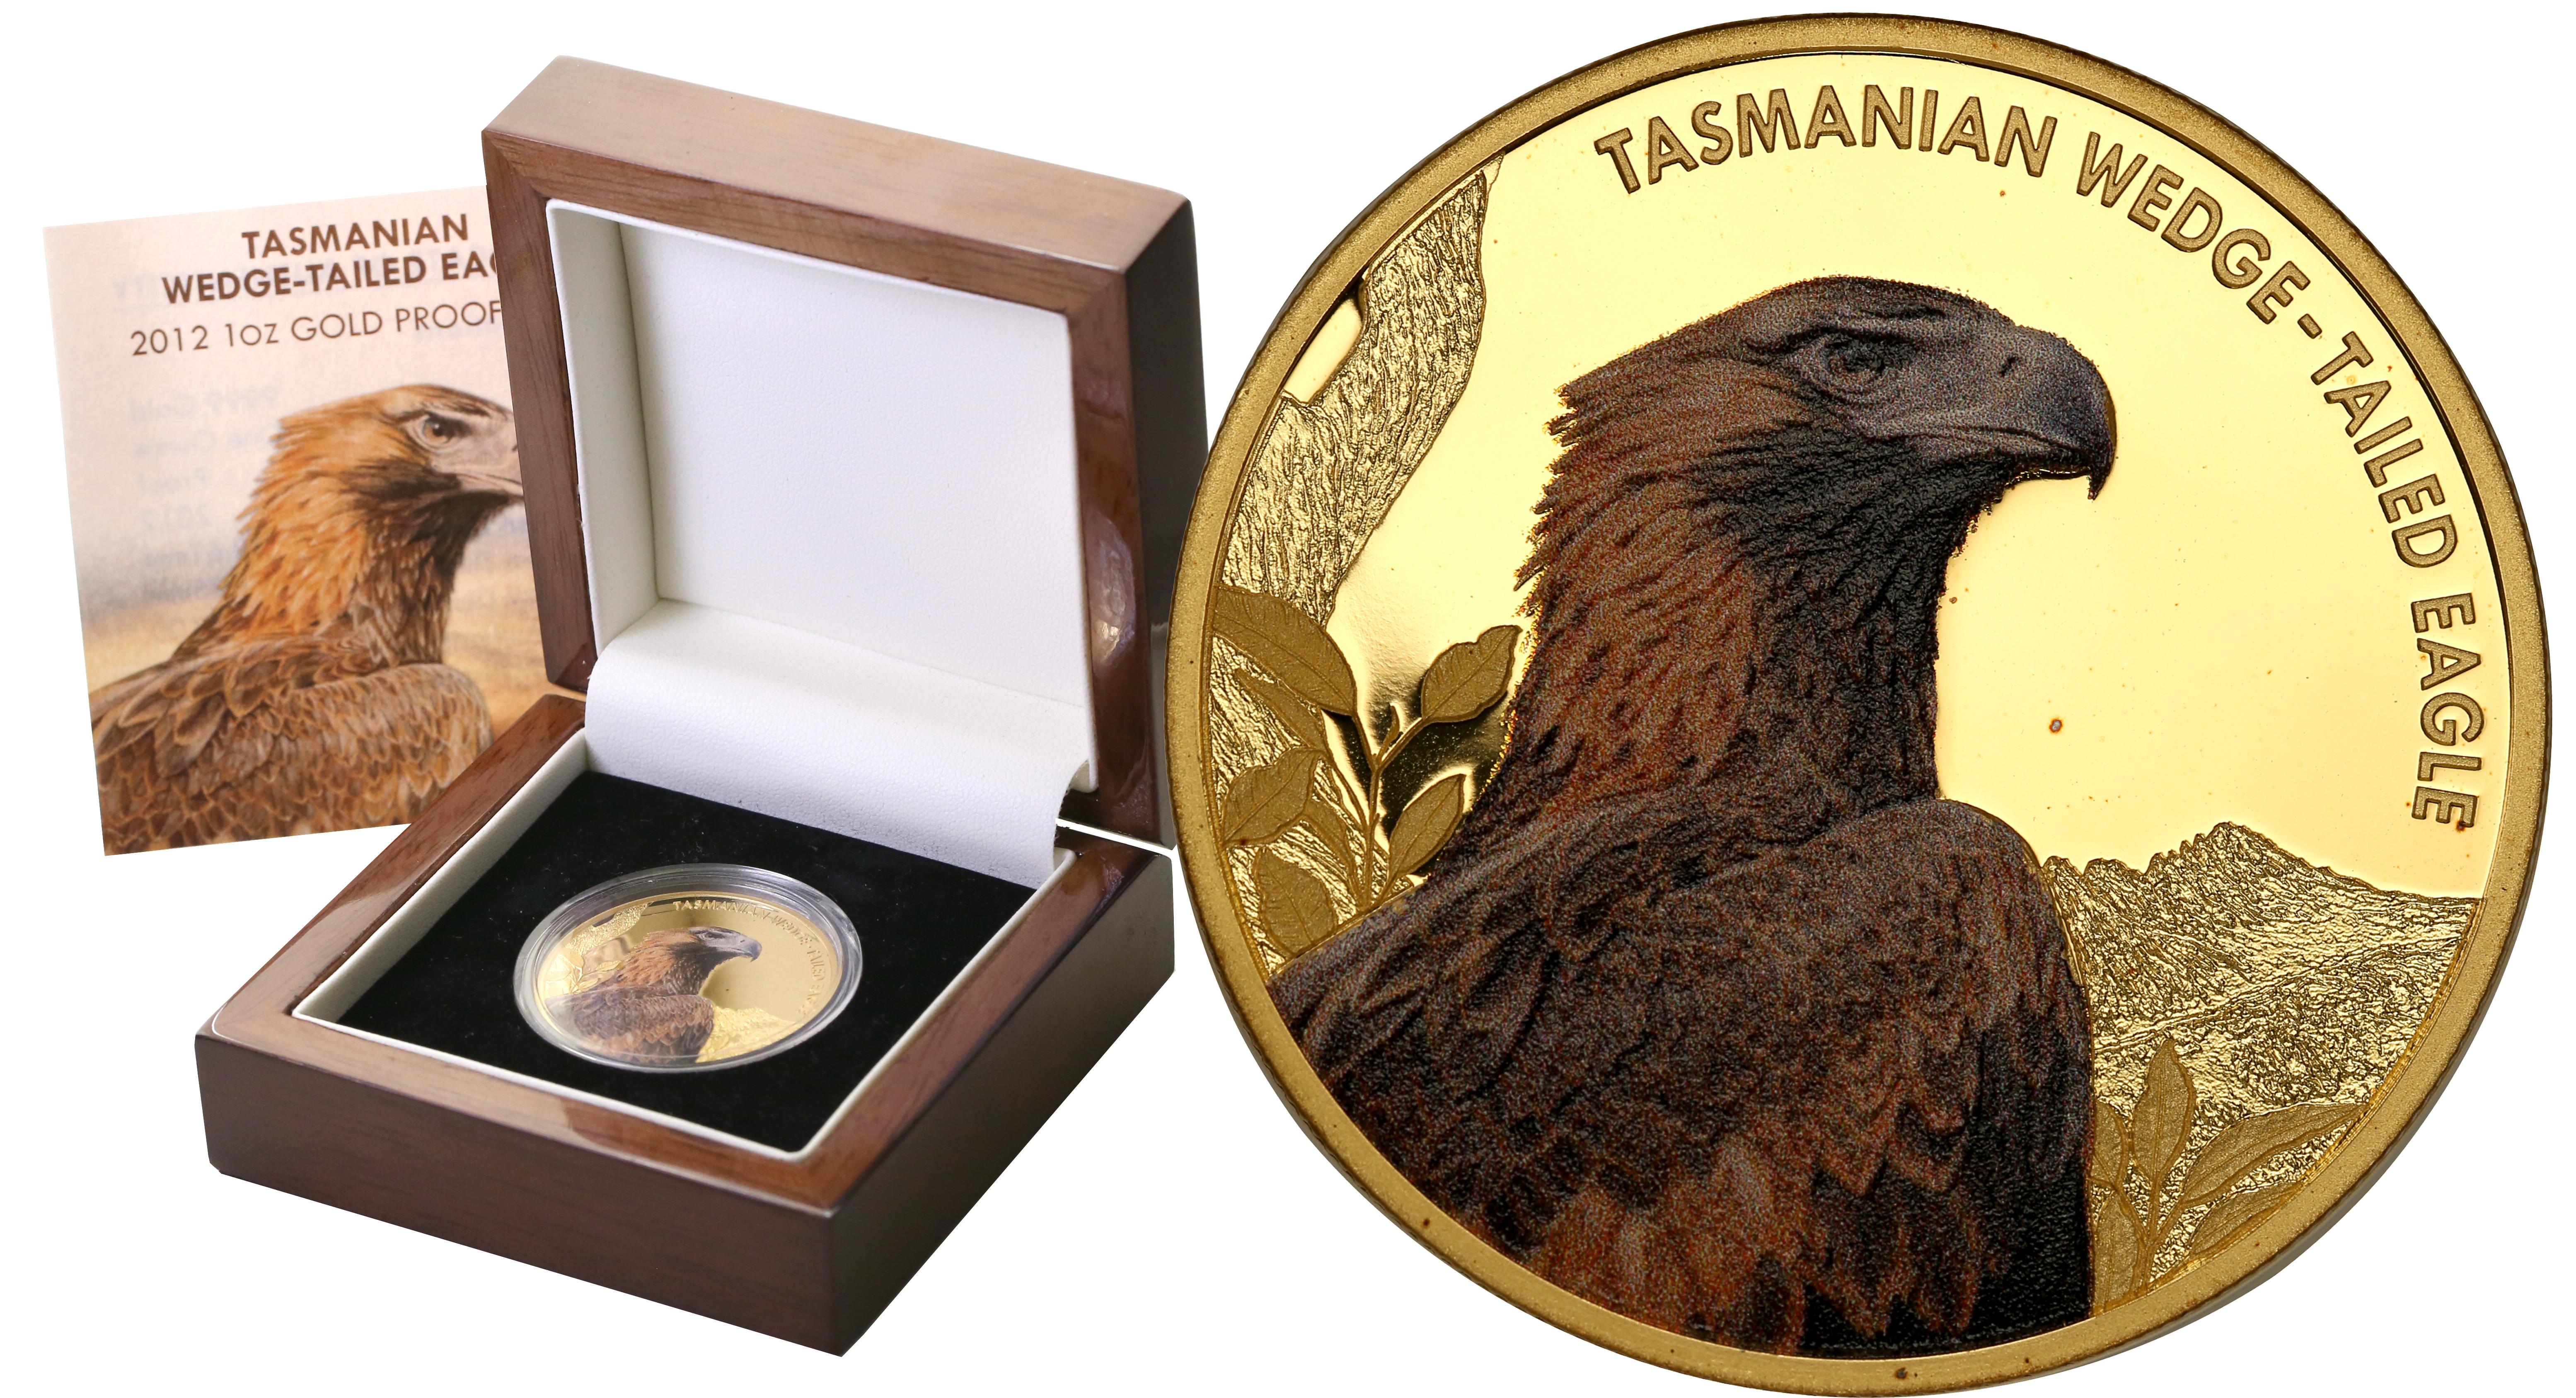 Niue. 100 $ dolarów Orzeł Tasmański 2012 - 1 uncja Złota